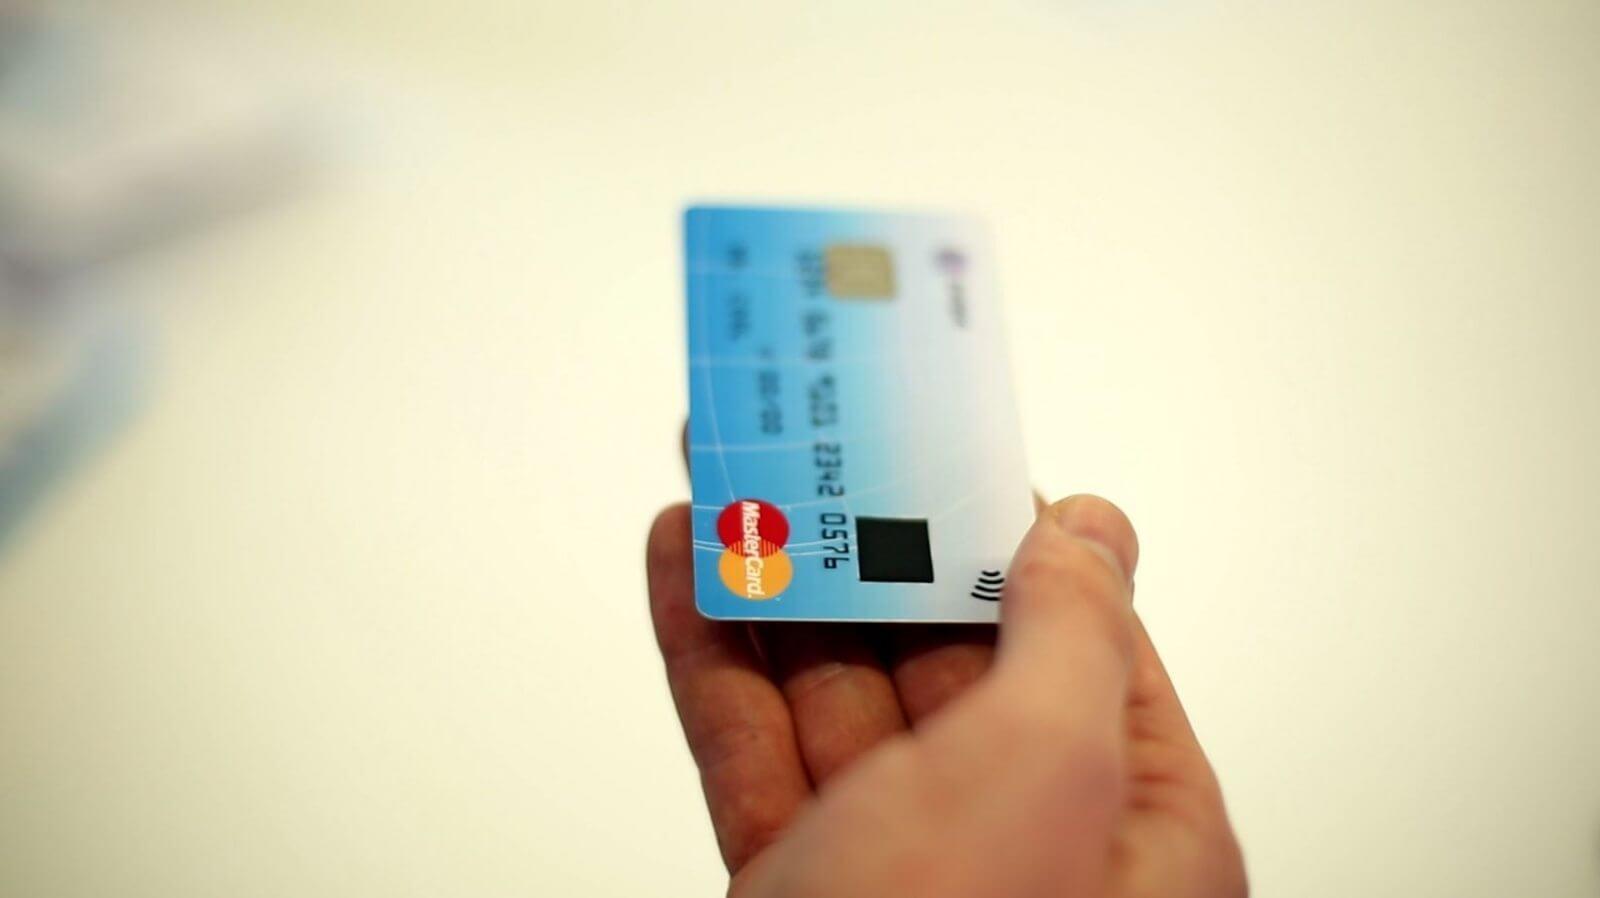 zwipe mastercard biometrics - Mastercard cria cartão de crédito com sensor de impressão digital